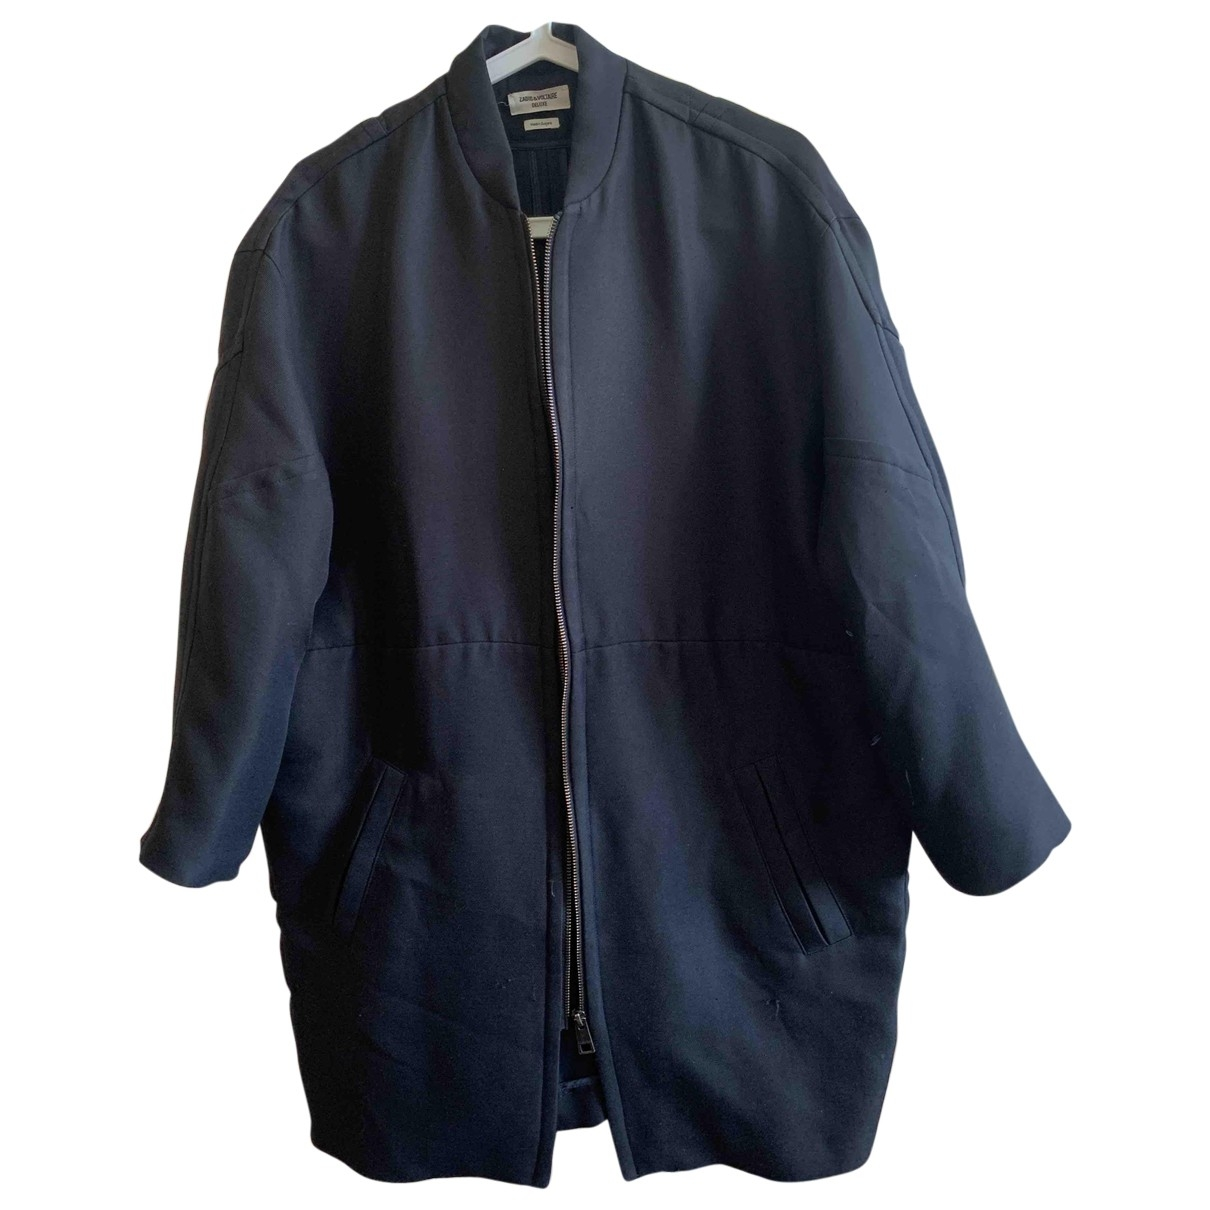 Zadig & Voltaire \N Blue coat for Women S International